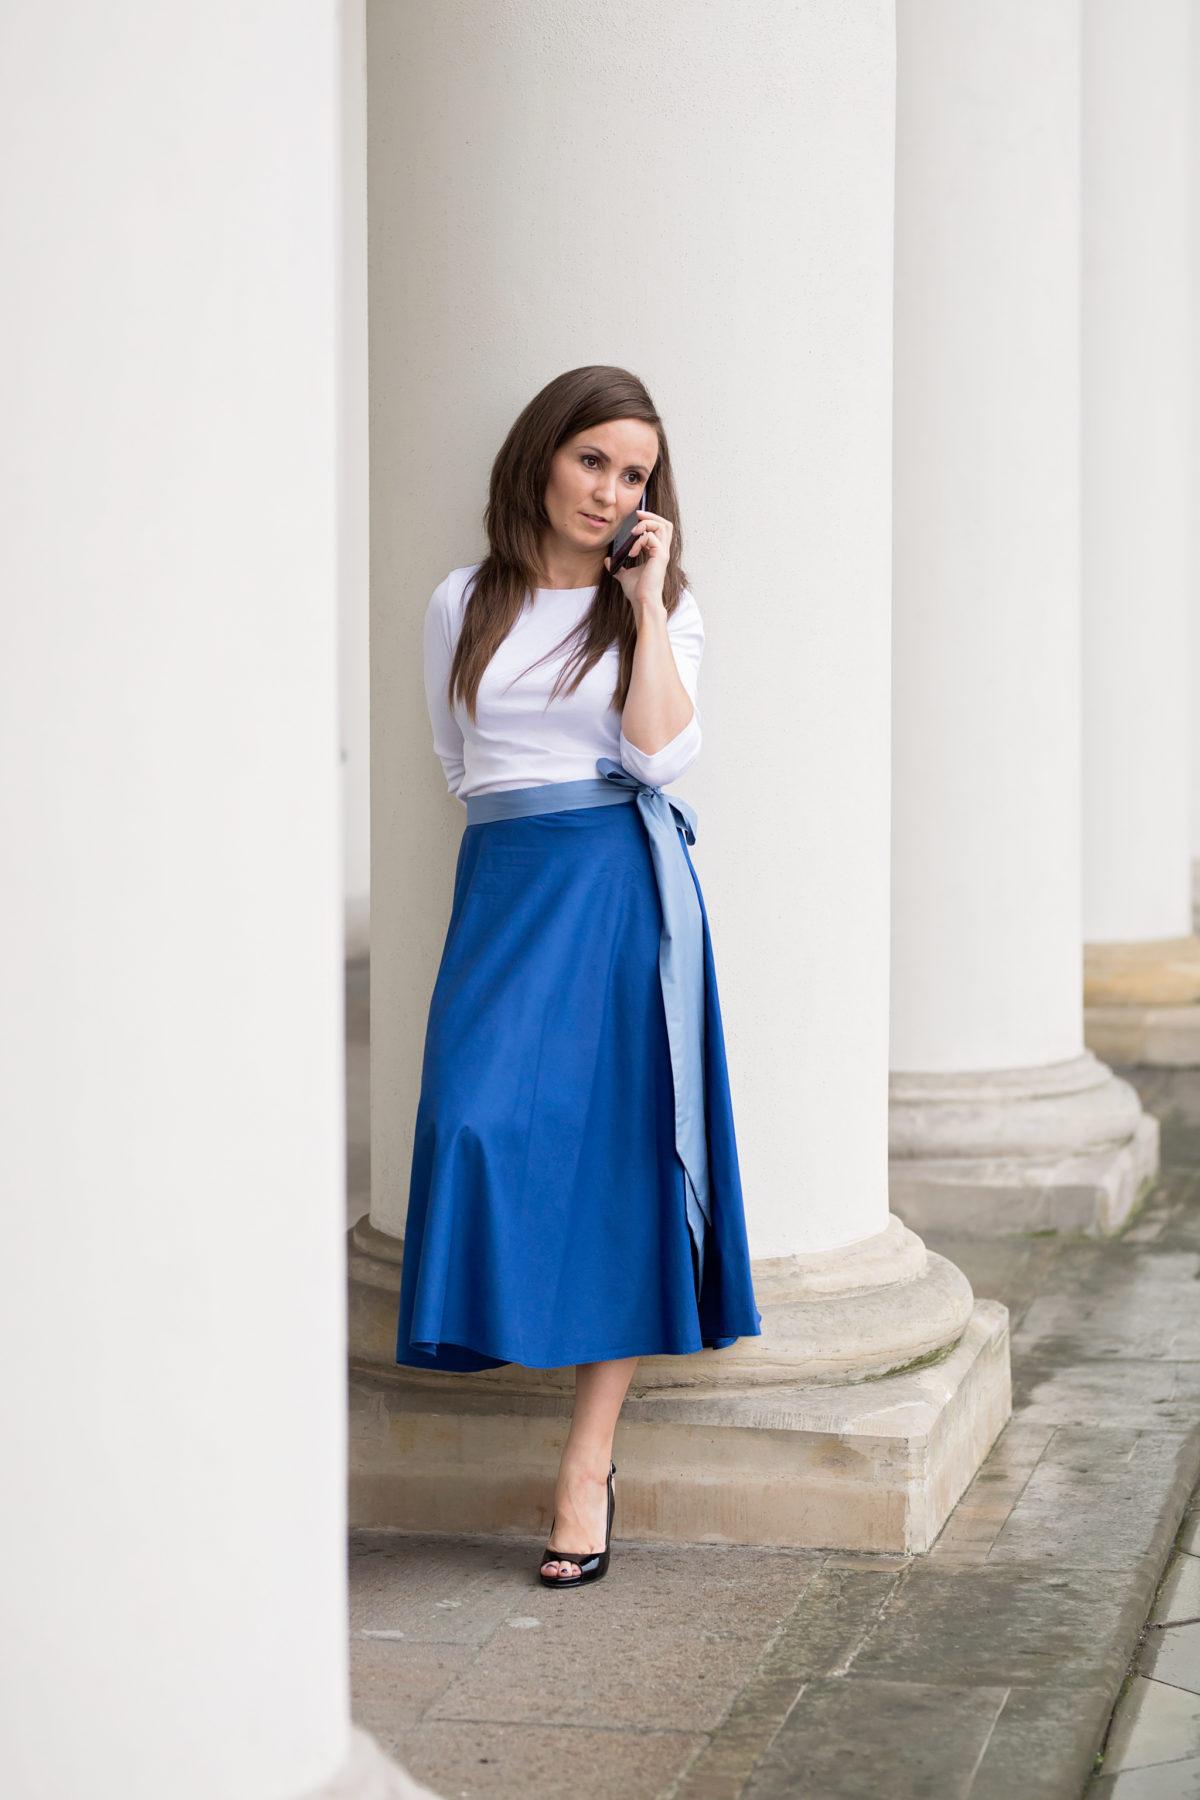 Spódnica z szarfą – dlaczego? dla kogo? z czym noszona?